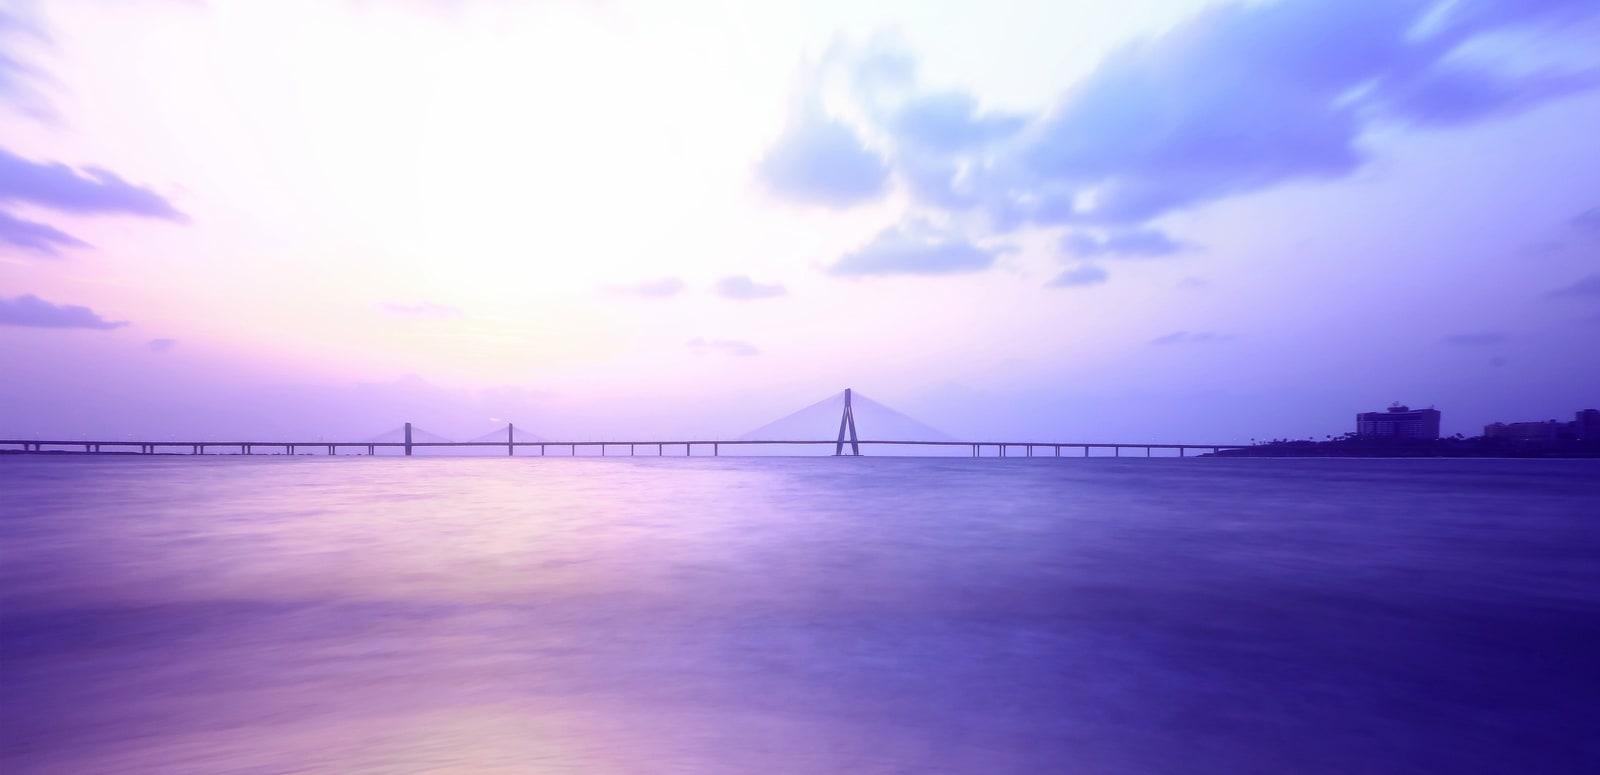 1489731676_shivaji_park_bridge_mumbai-hd.jpg